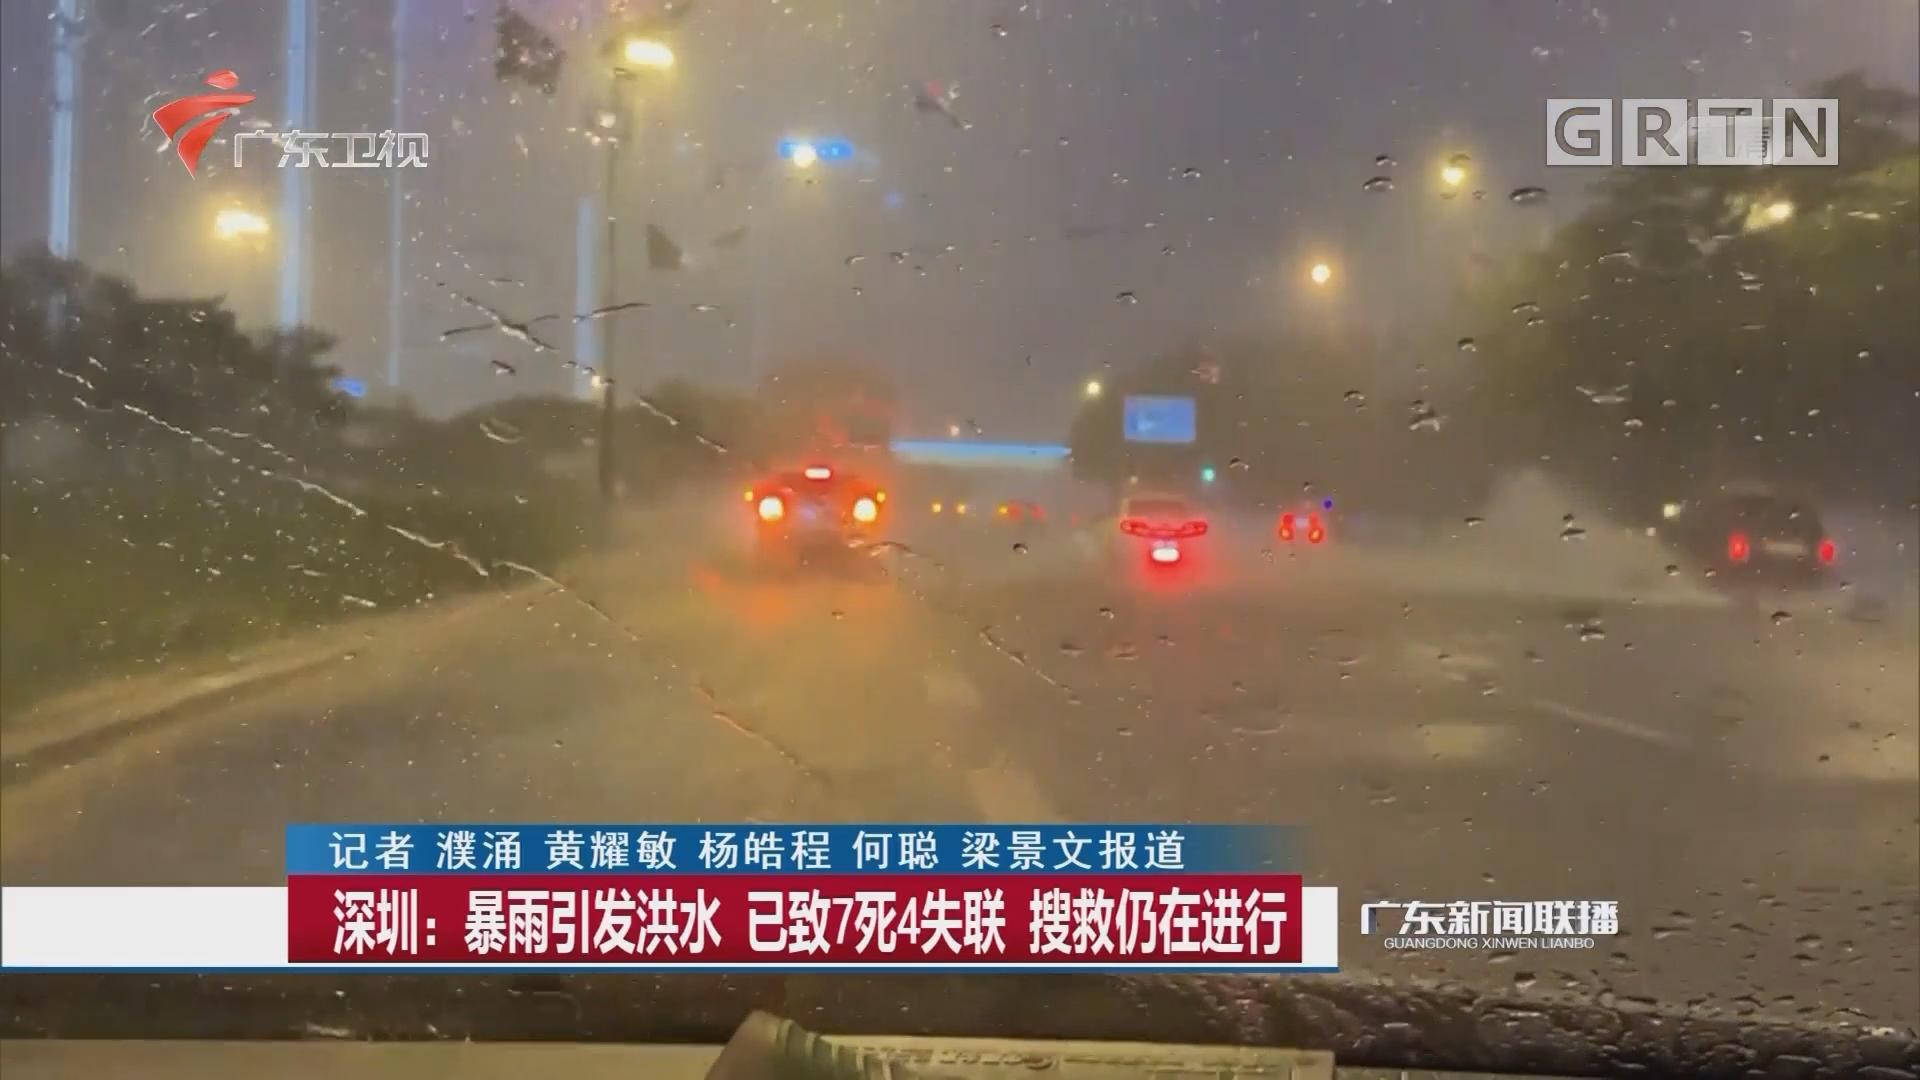 深圳:暴雨引发洪水 已致7死4失联 搜救仍在进行